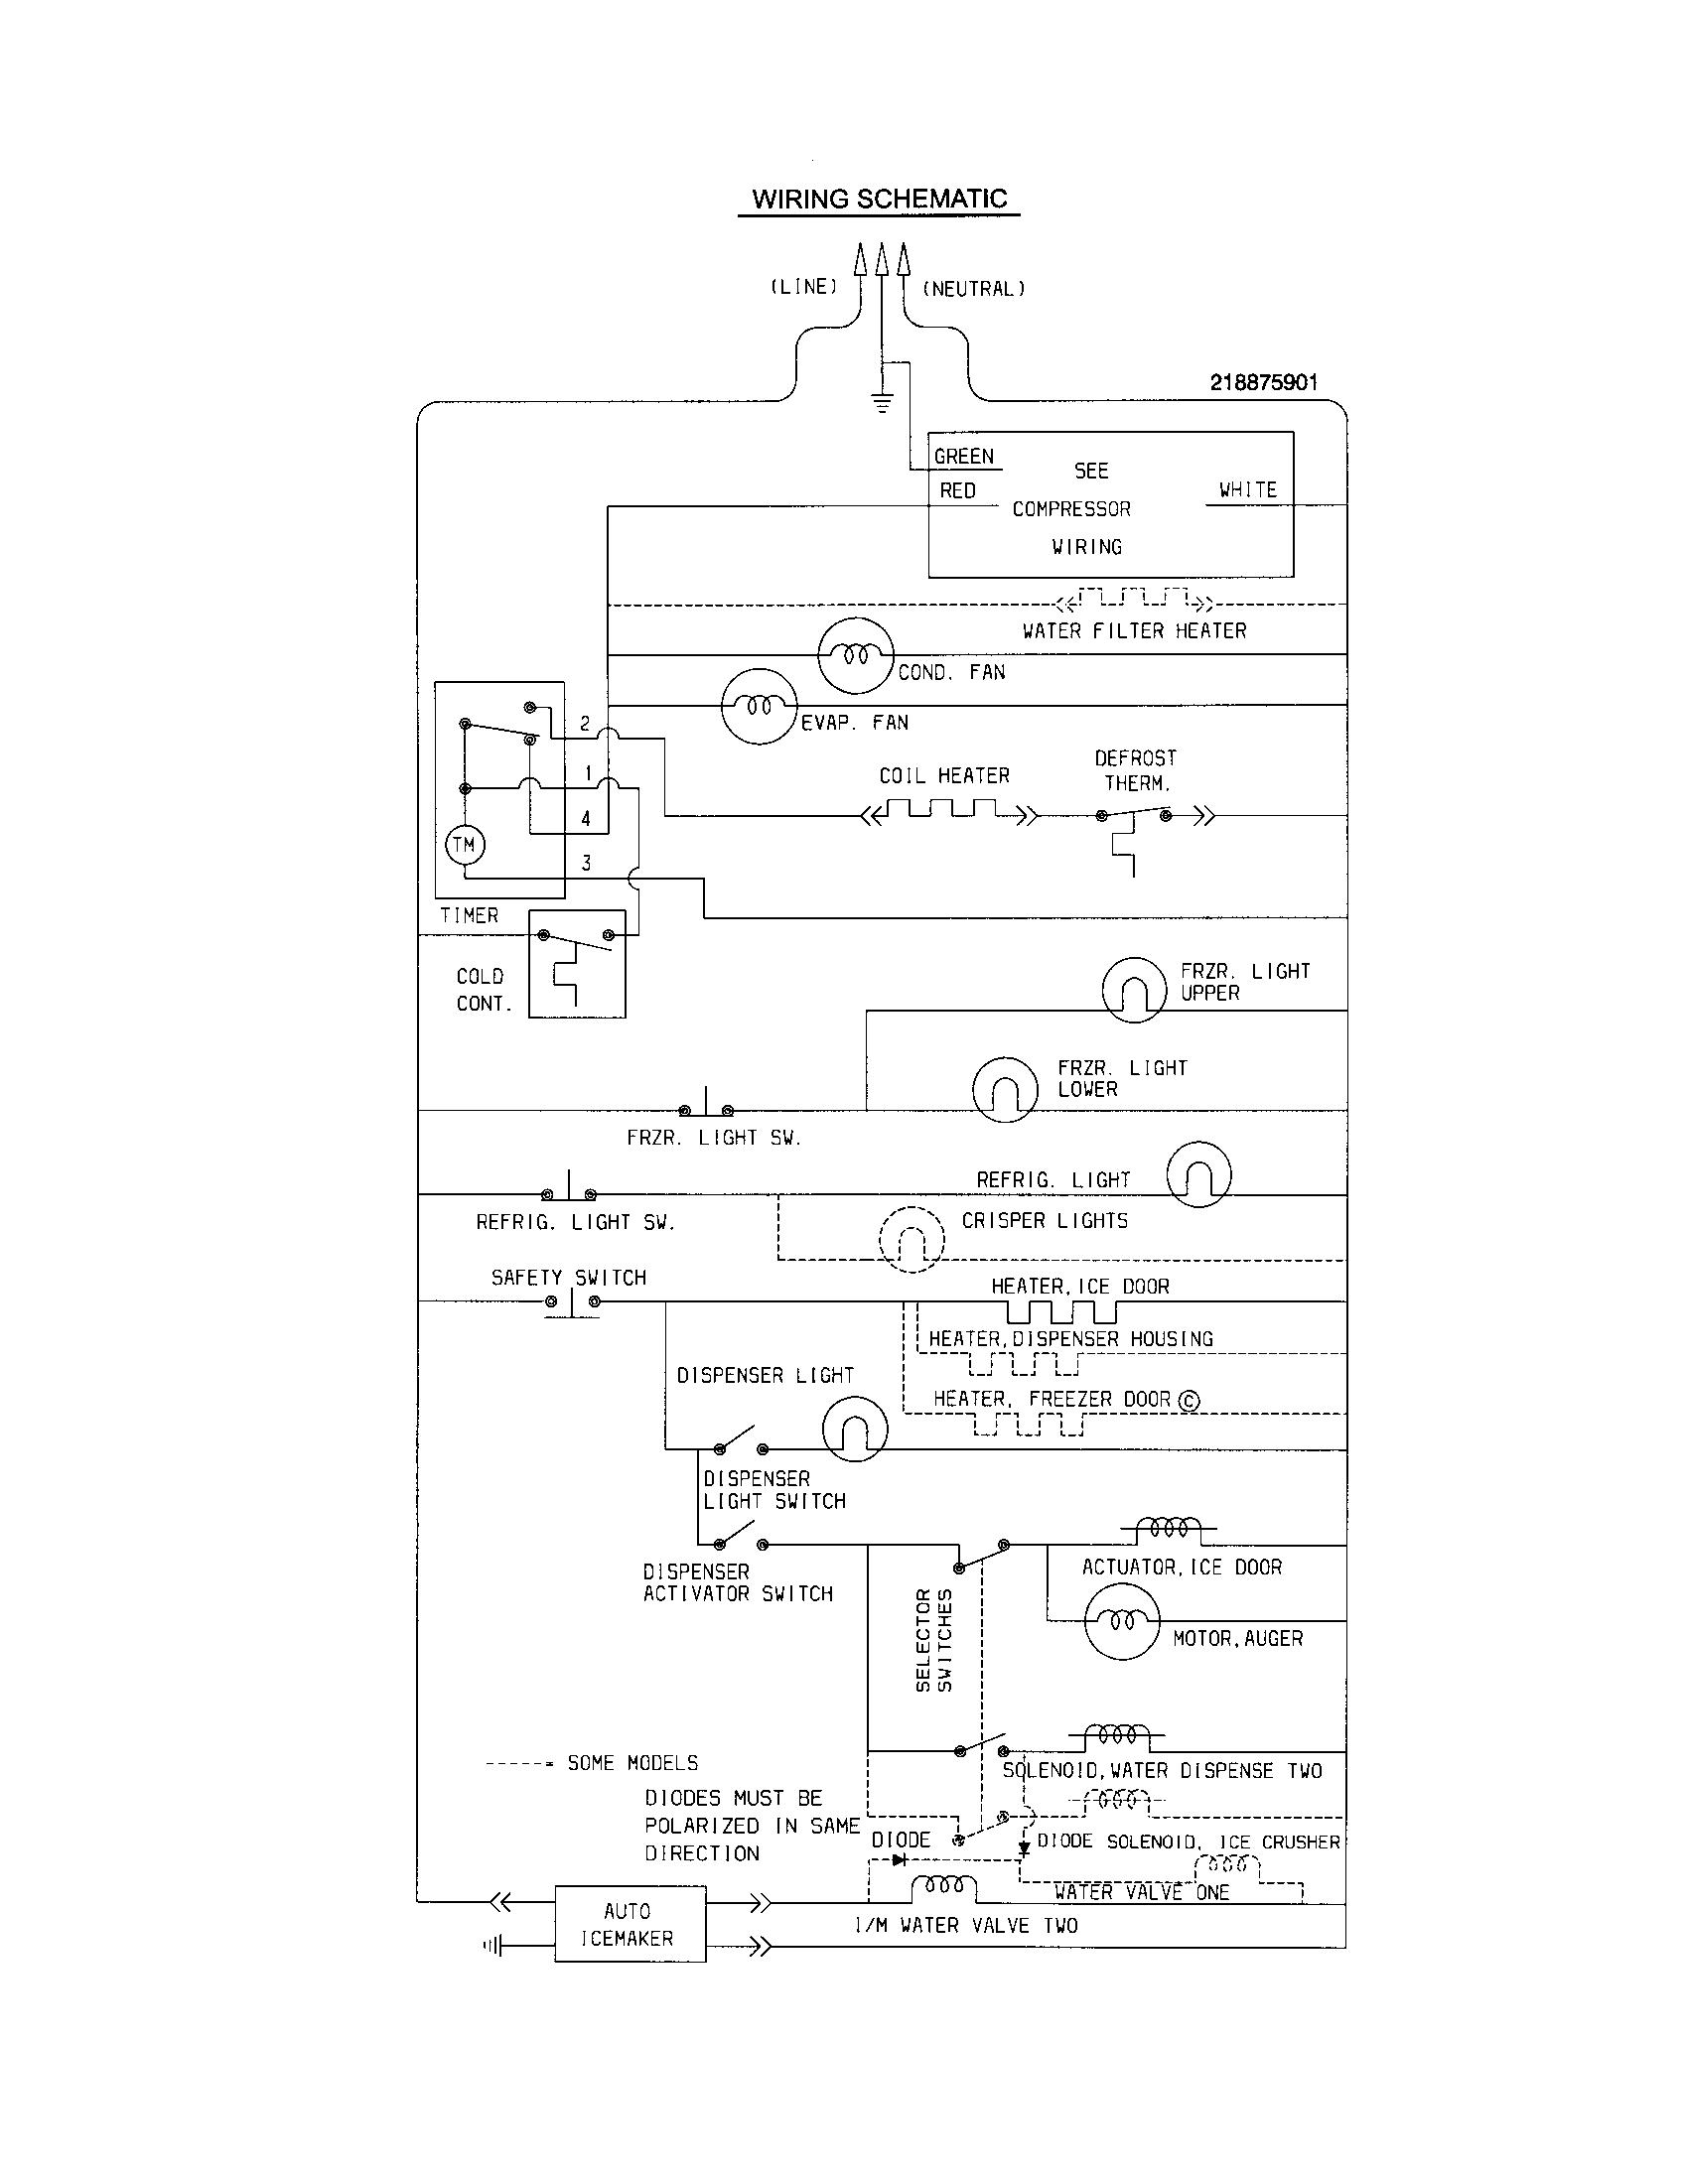 True Freezer T-49F Wiring Diagram from wiringall.com